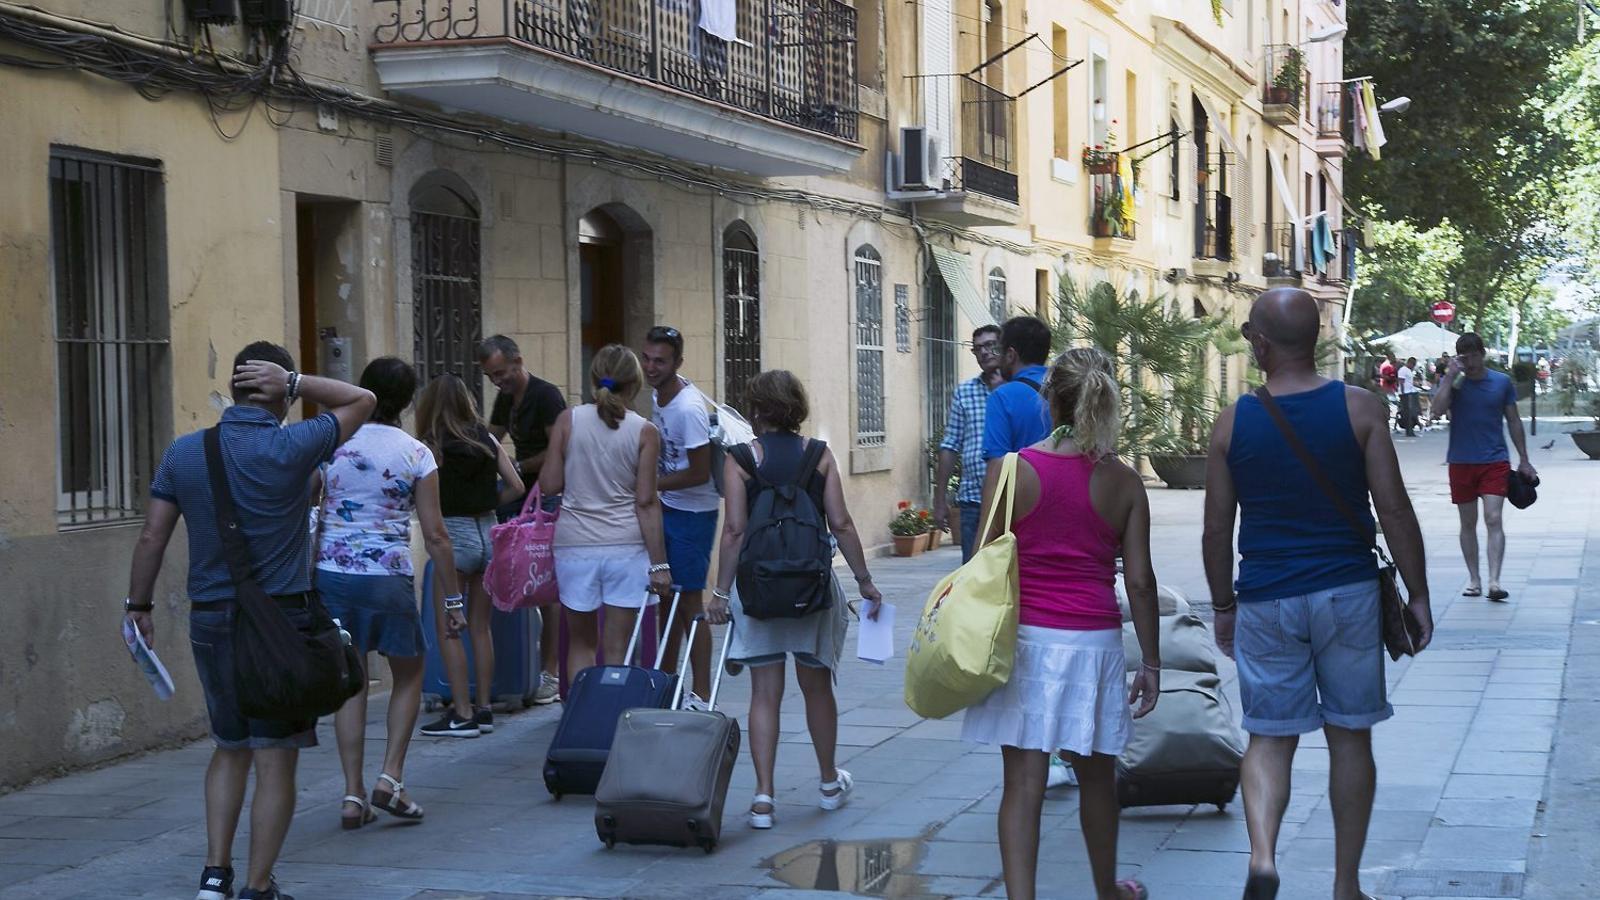 El turisme supera l'atur com a principal preocupació a Barcelona